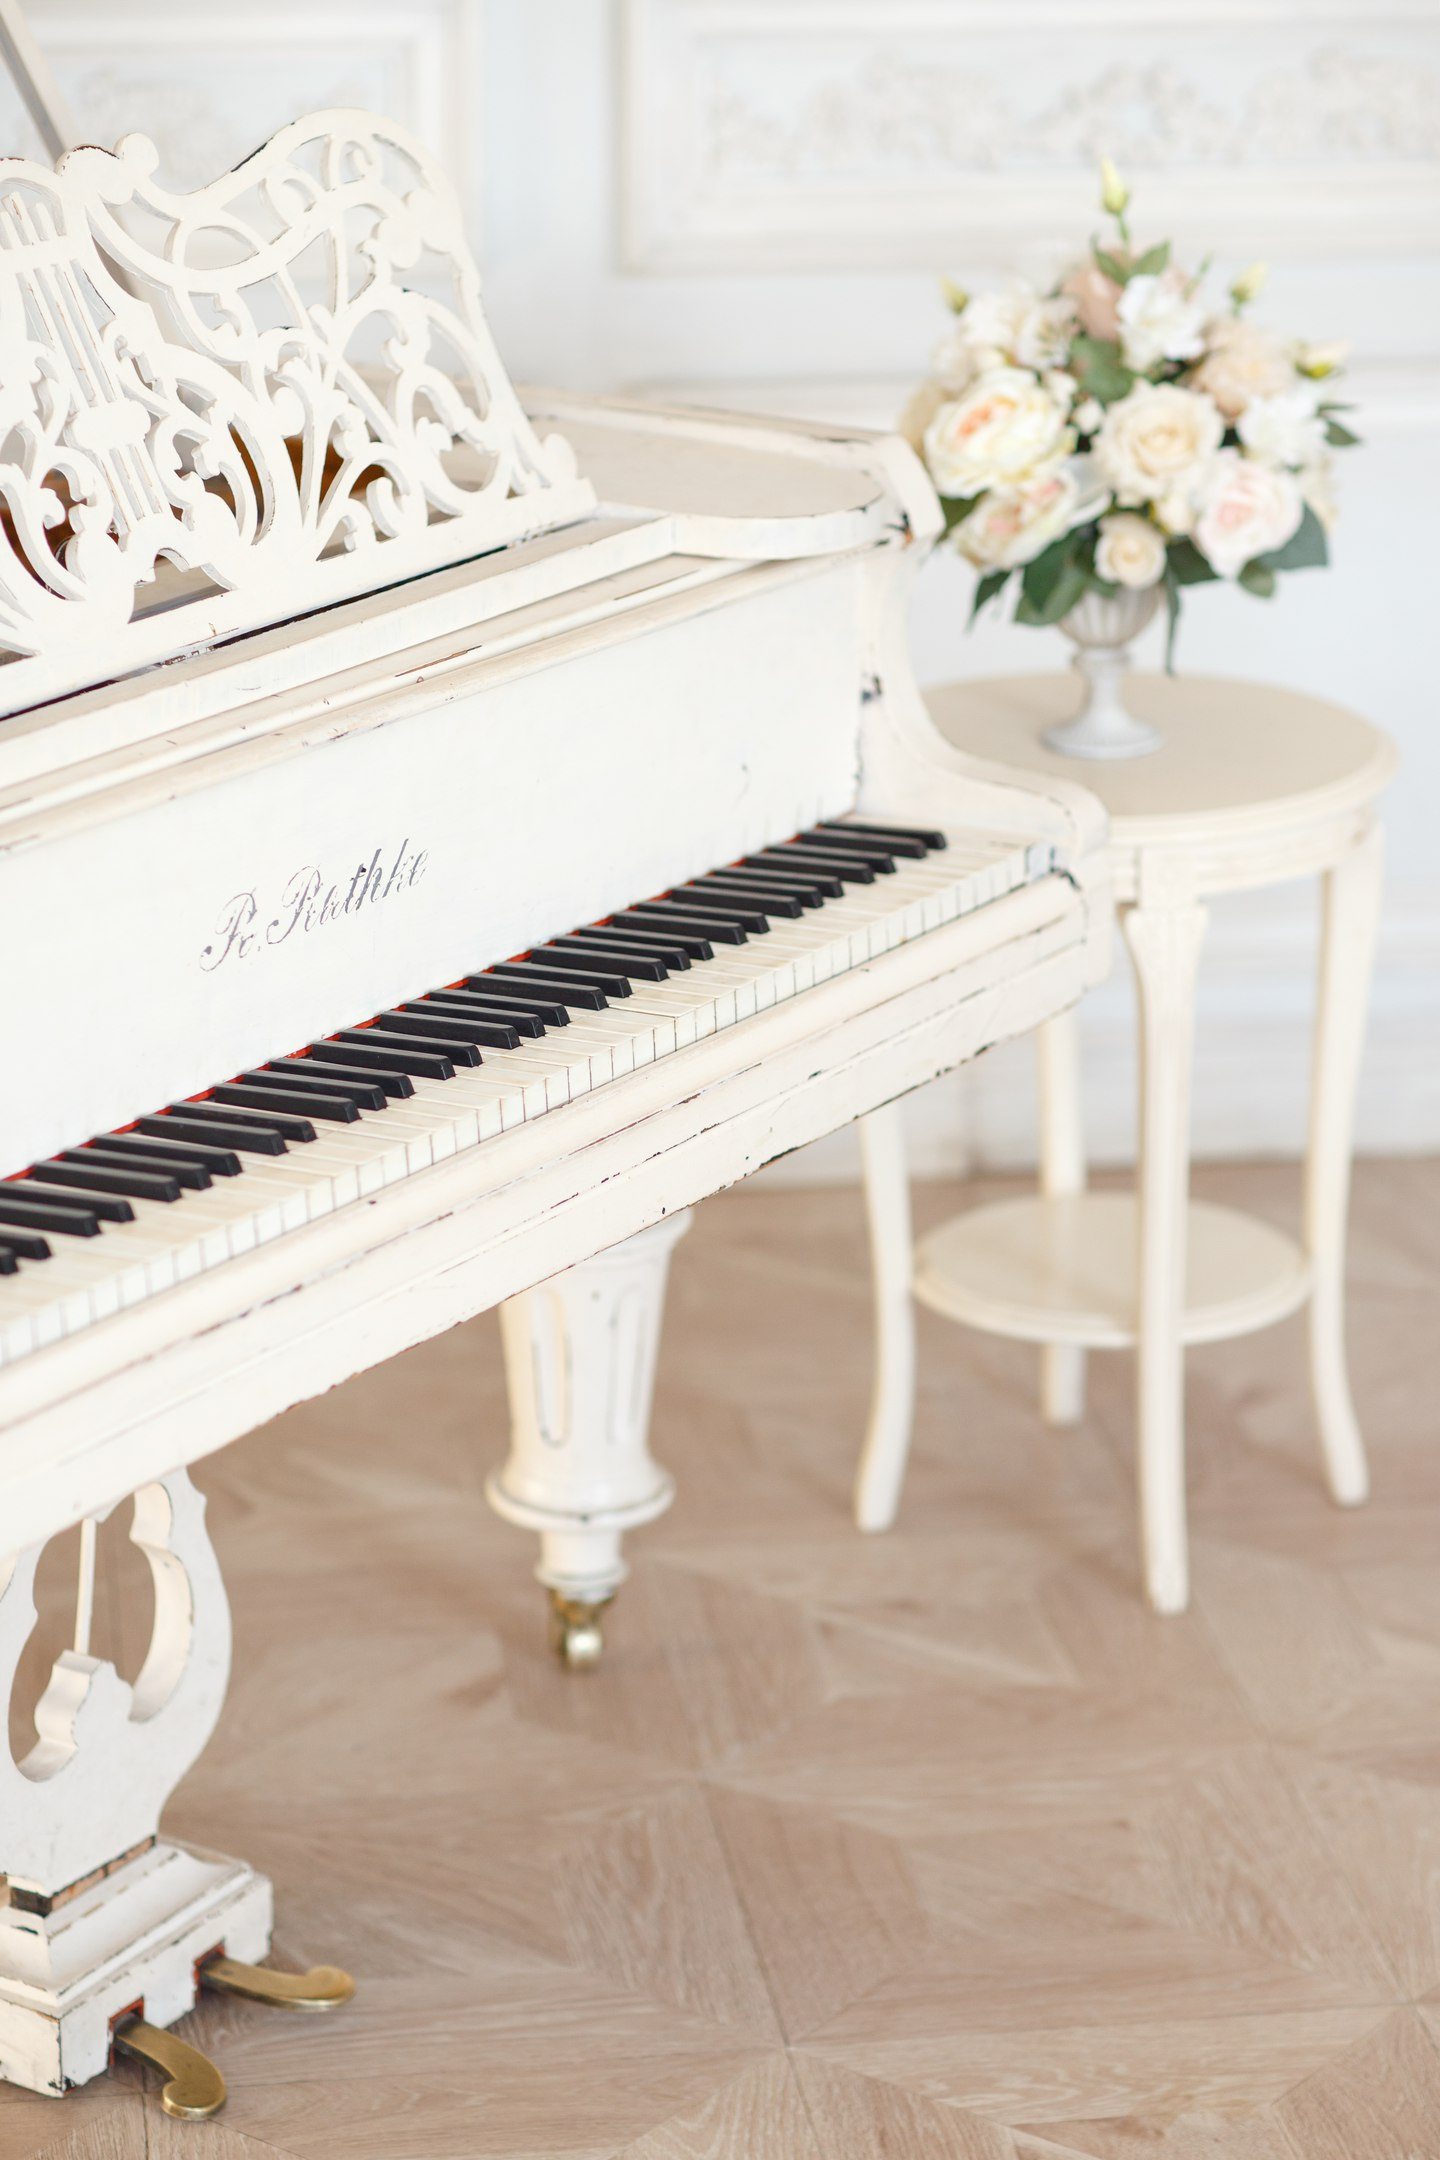 предлагайте идеи фотостудия с белым роялем спб интересные фотографии